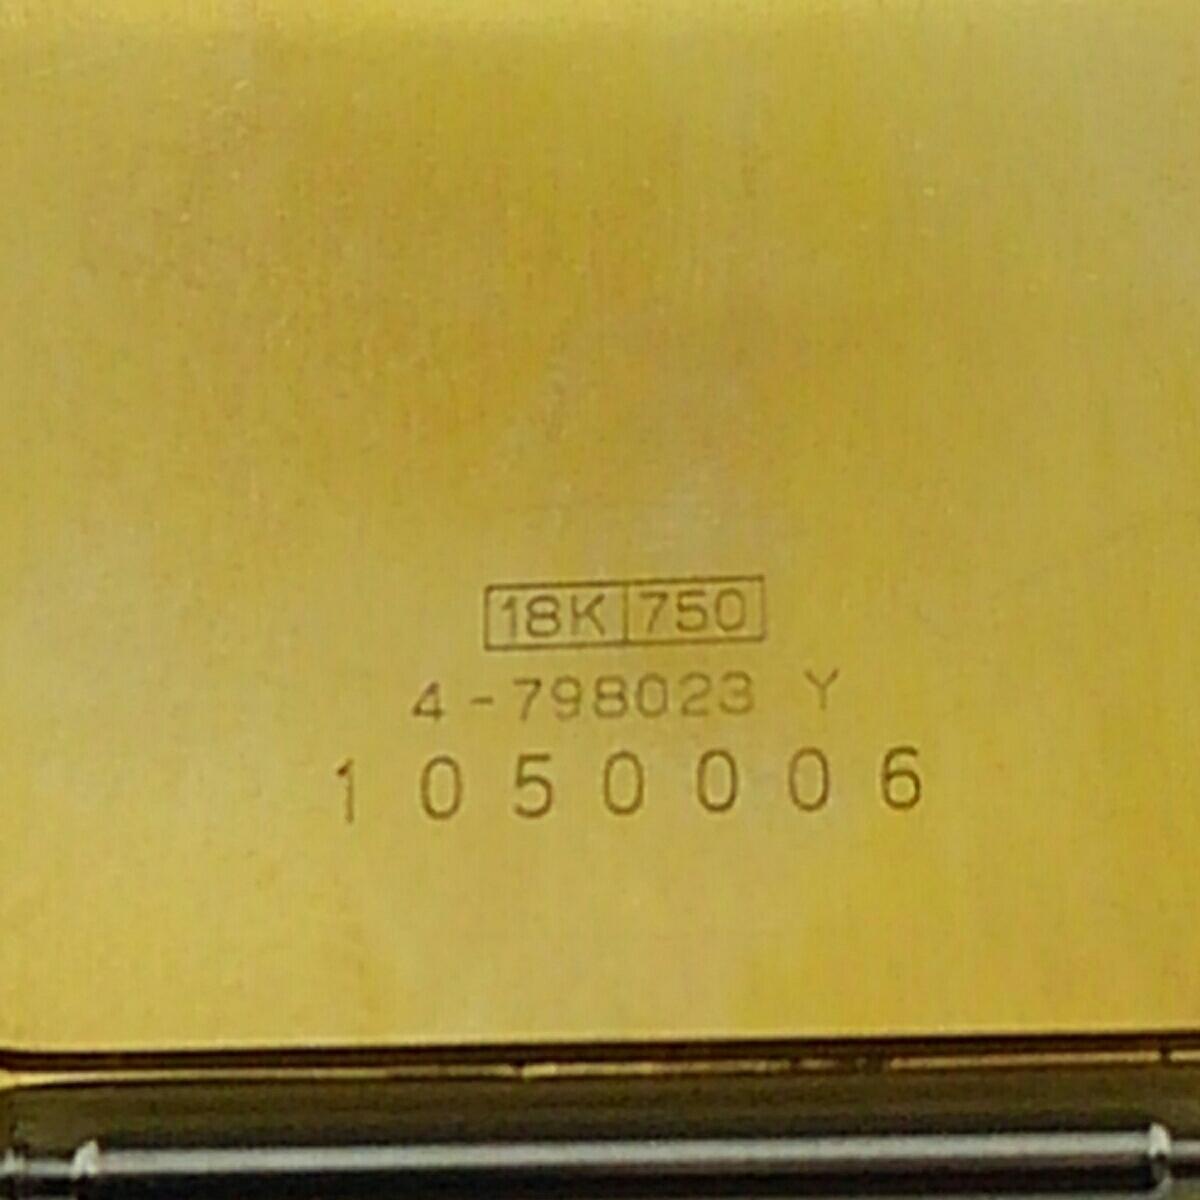 CITIZEN シチズン エクシード K18 750 K18尾錠付 メンズ クオーツ  _画像4